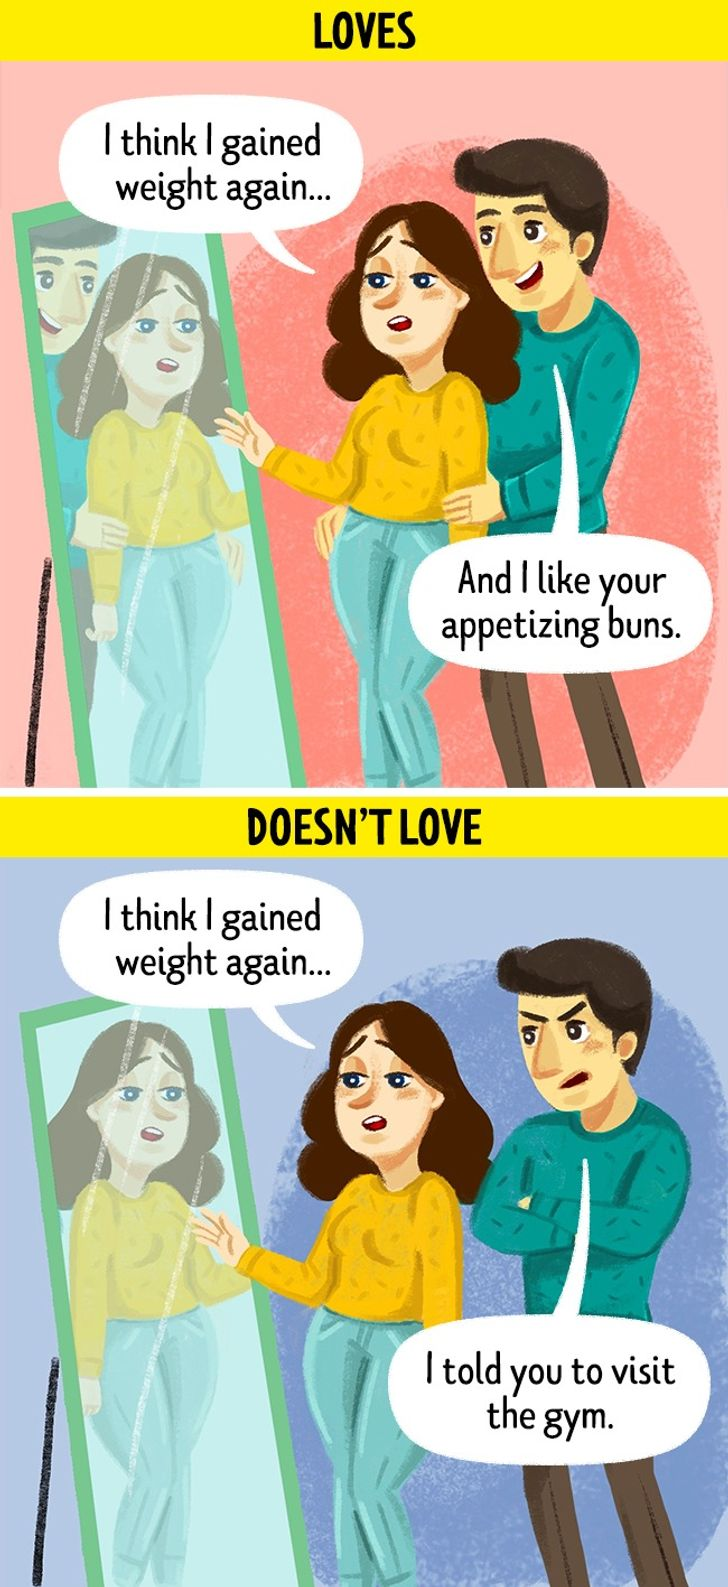 criticize appearance